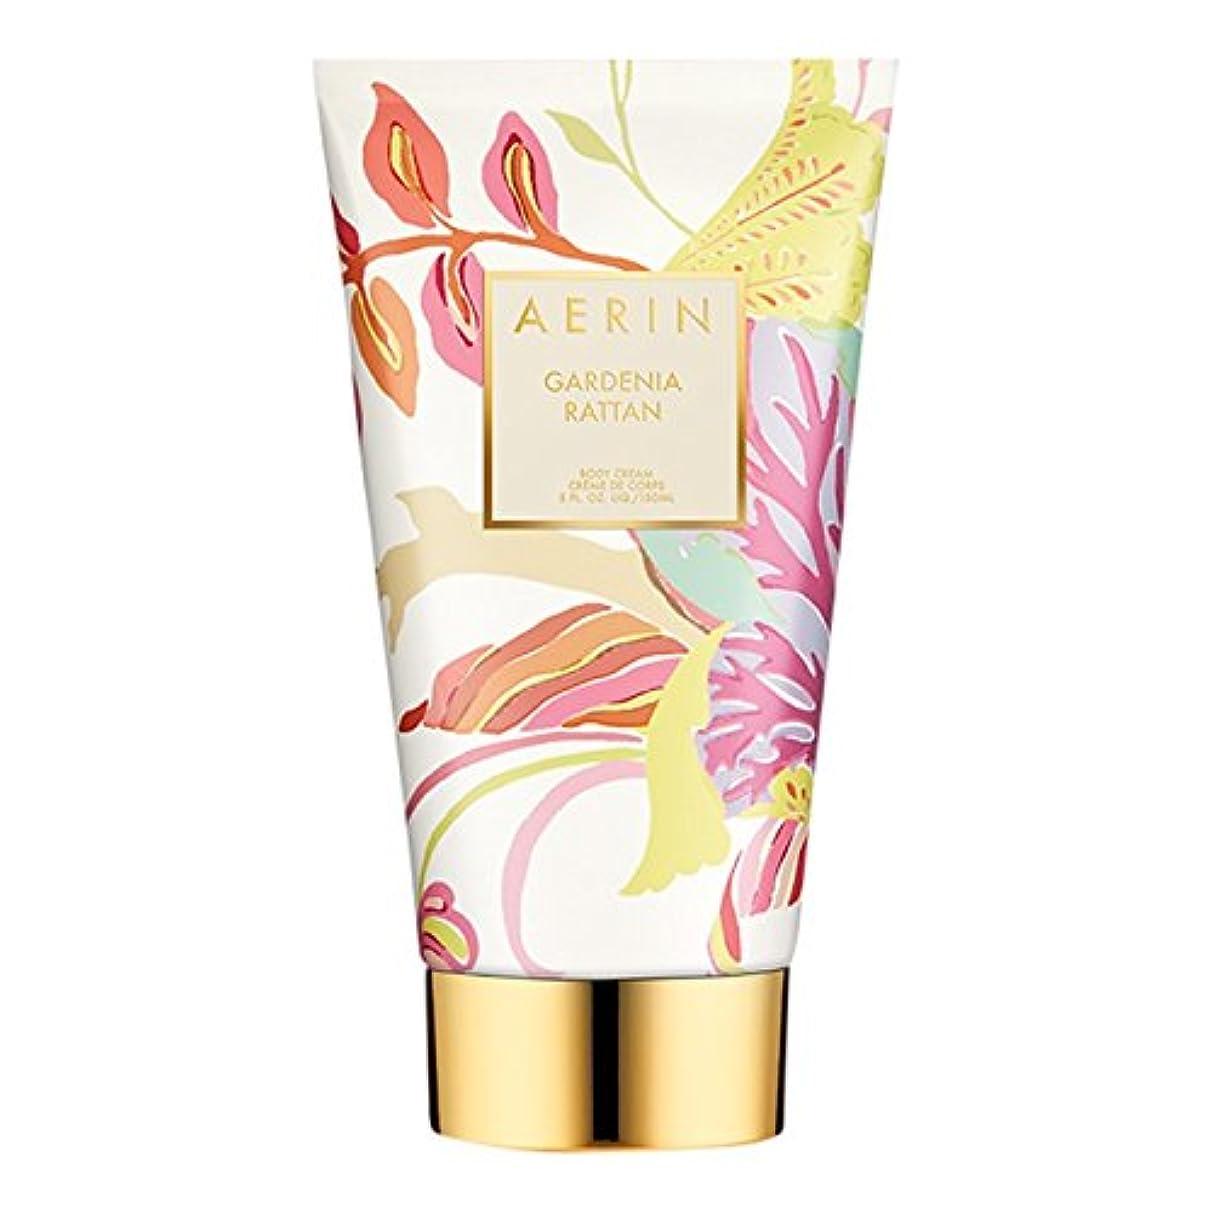 欠かせない画面施しAerinクチナシ籐ボディクリーム150ミリリットル (AERIN) (x2) - AERIN Gardenia Rattan Body Cream 150ml (Pack of 2) [並行輸入品]